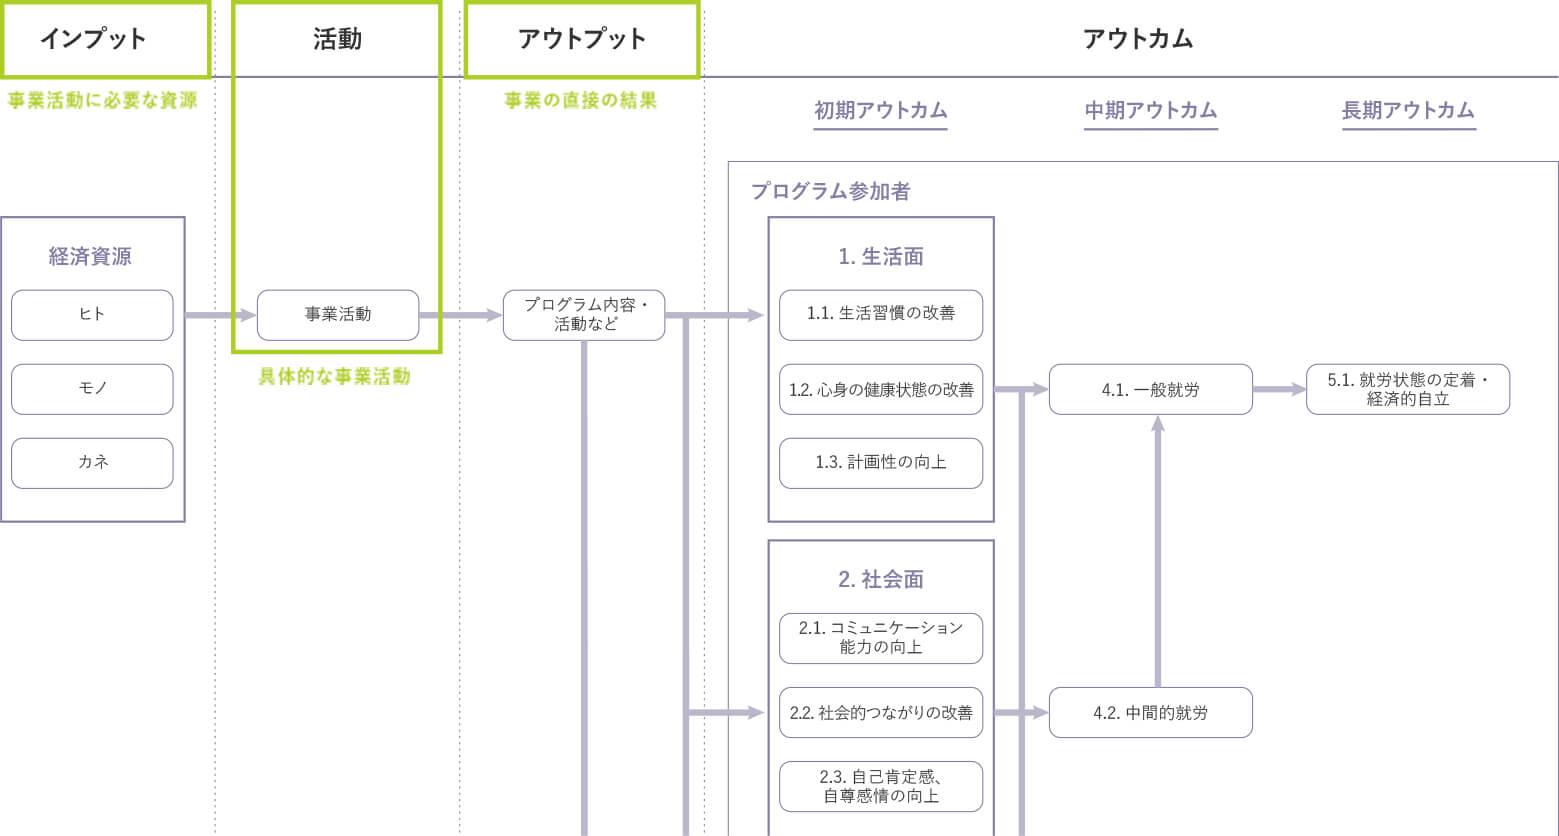 図表 6:ロジックモデルの例(就労支援事業の場合)~インプット、活動、アウトプットの設定について~